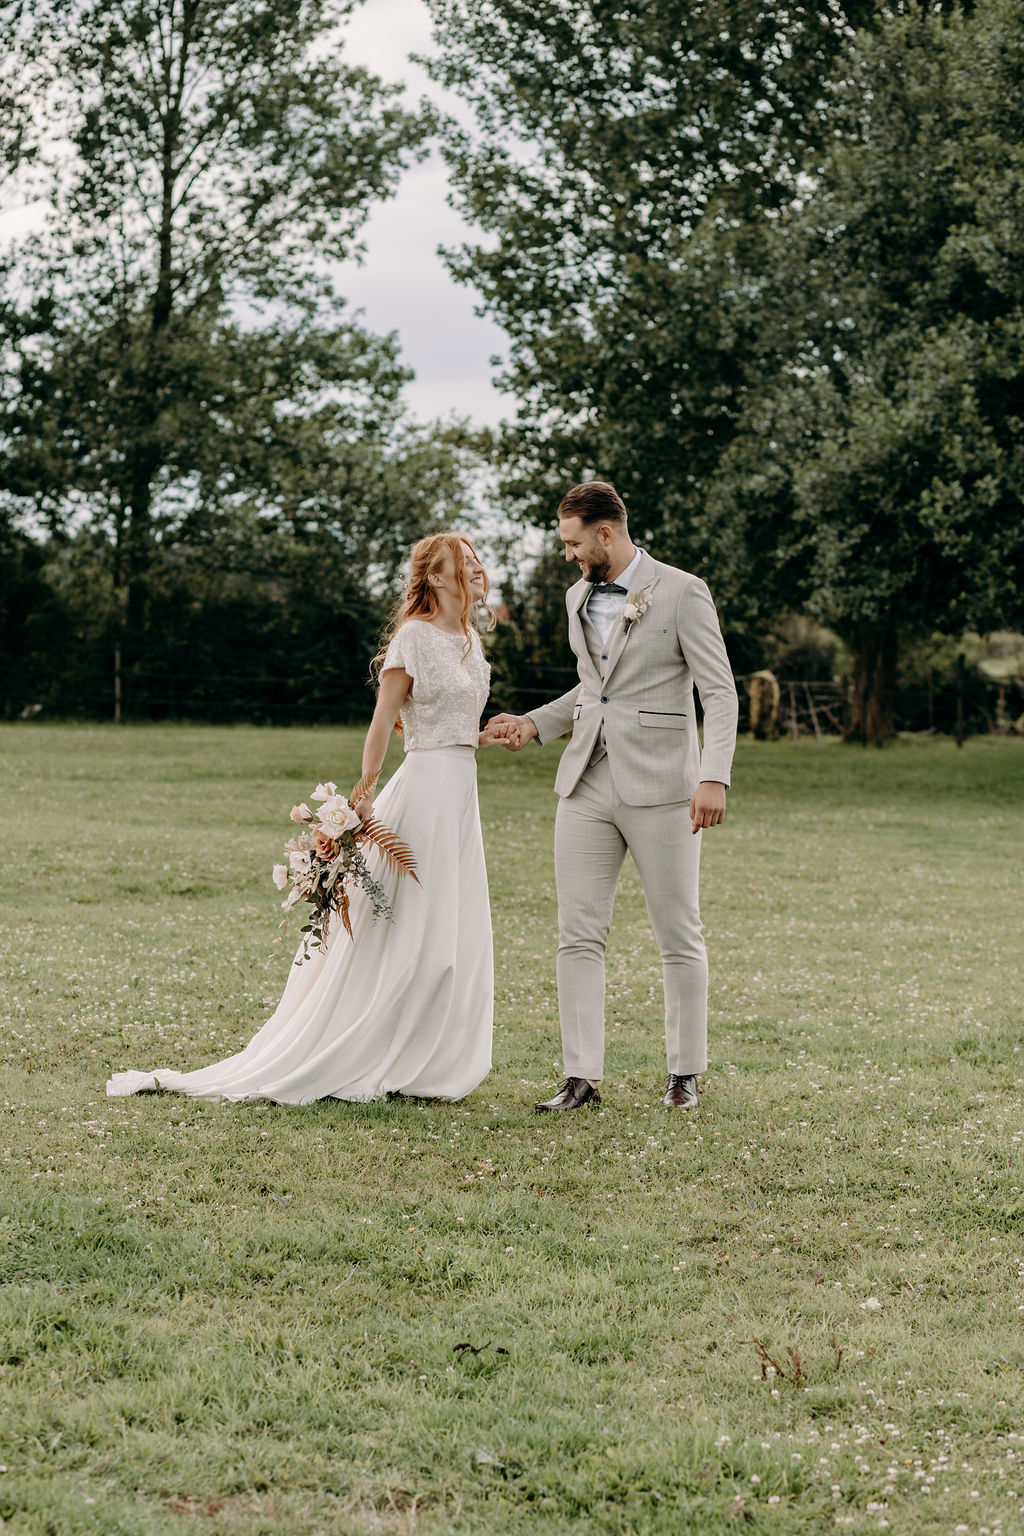 sustainable boho wedding - bohemian micro wedding - boho elopement - sustainable wedding - unconventional wedding - boho bridal wear